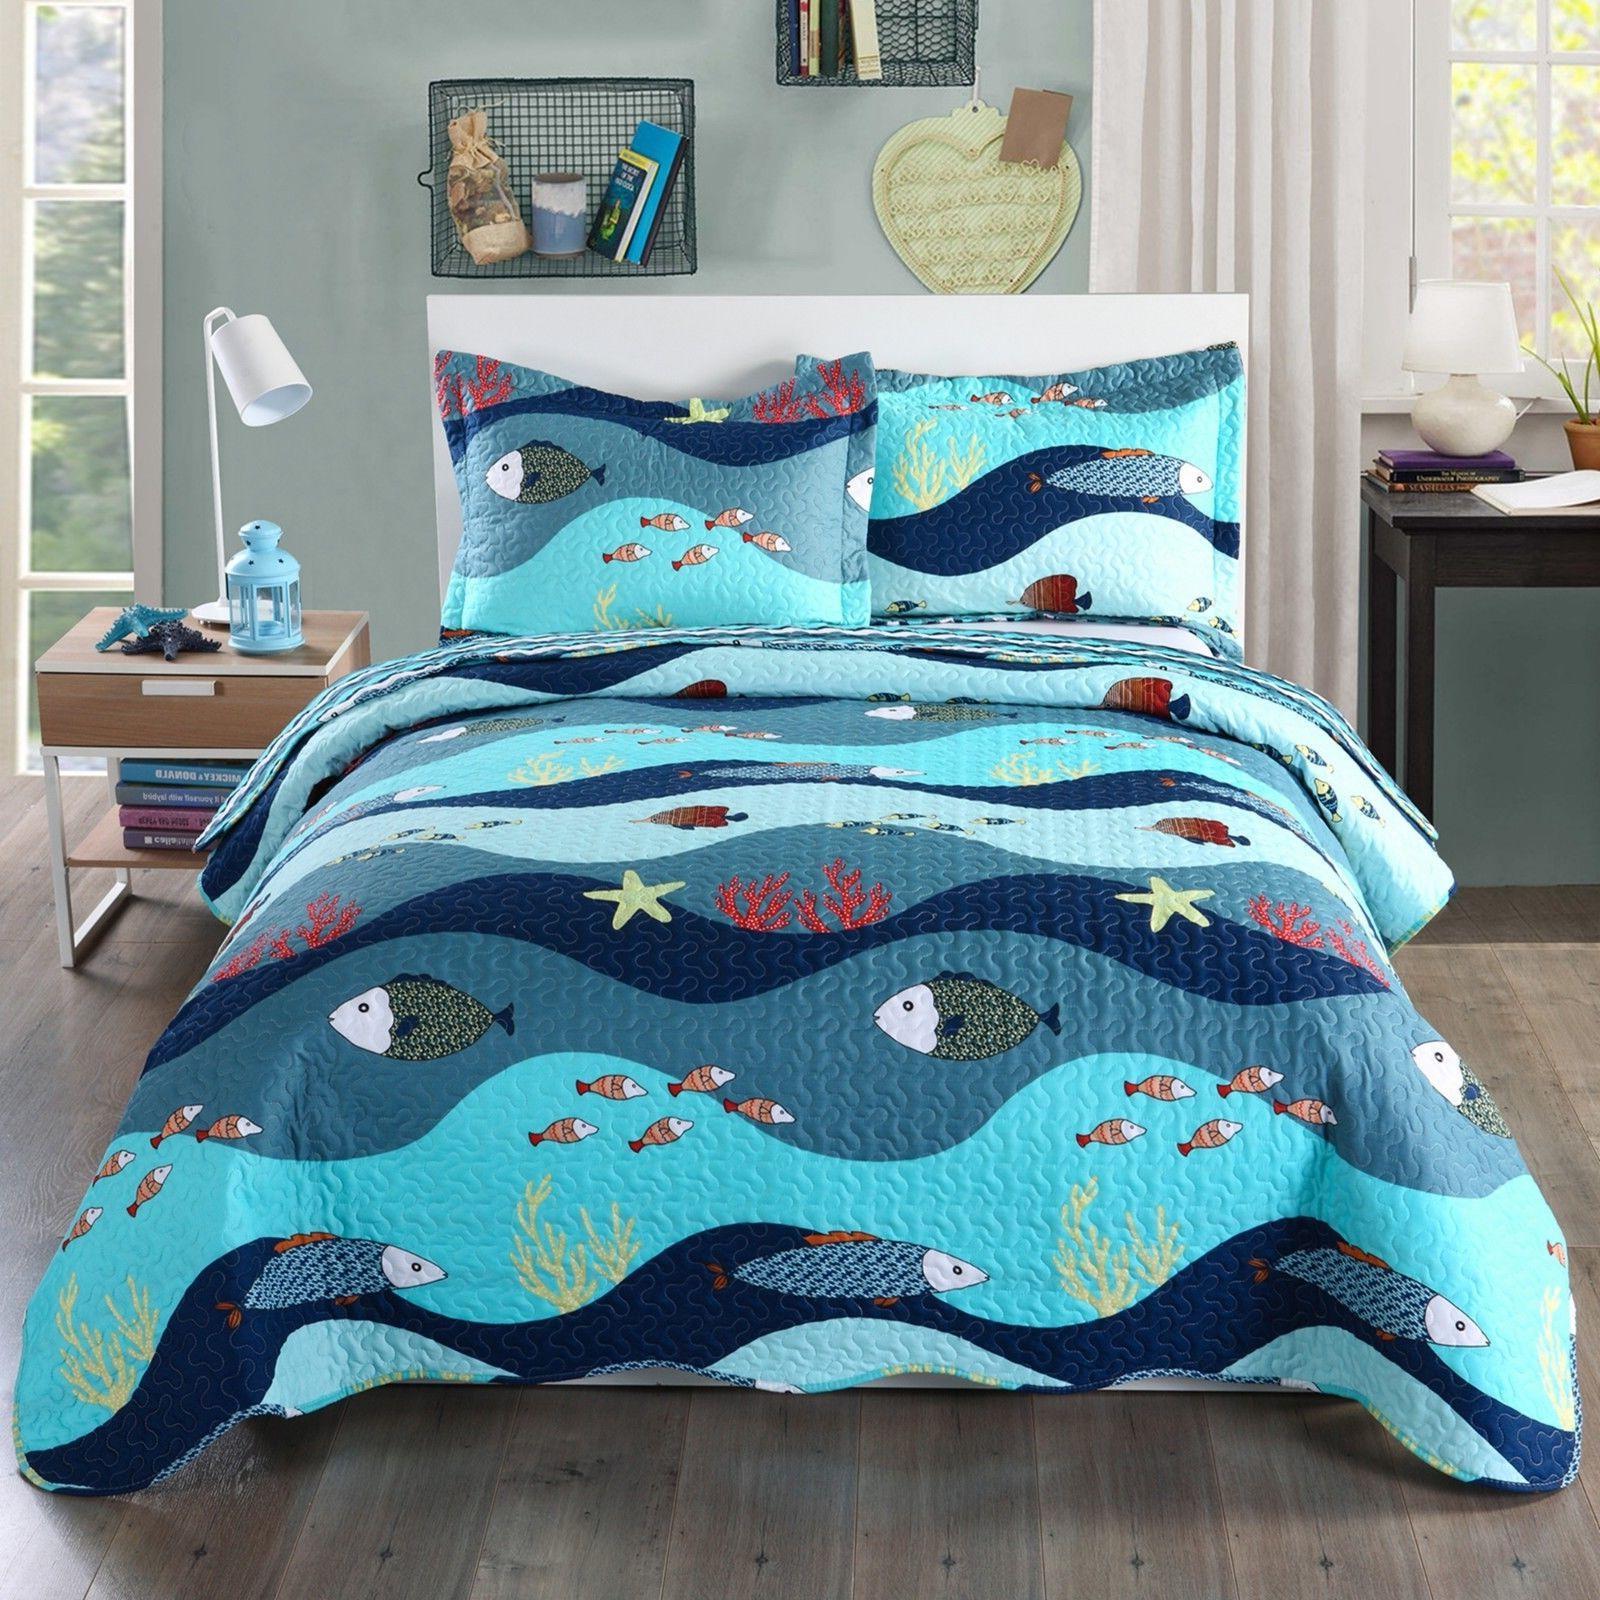 2pcs Kids Comforter Throw for Boys Girls